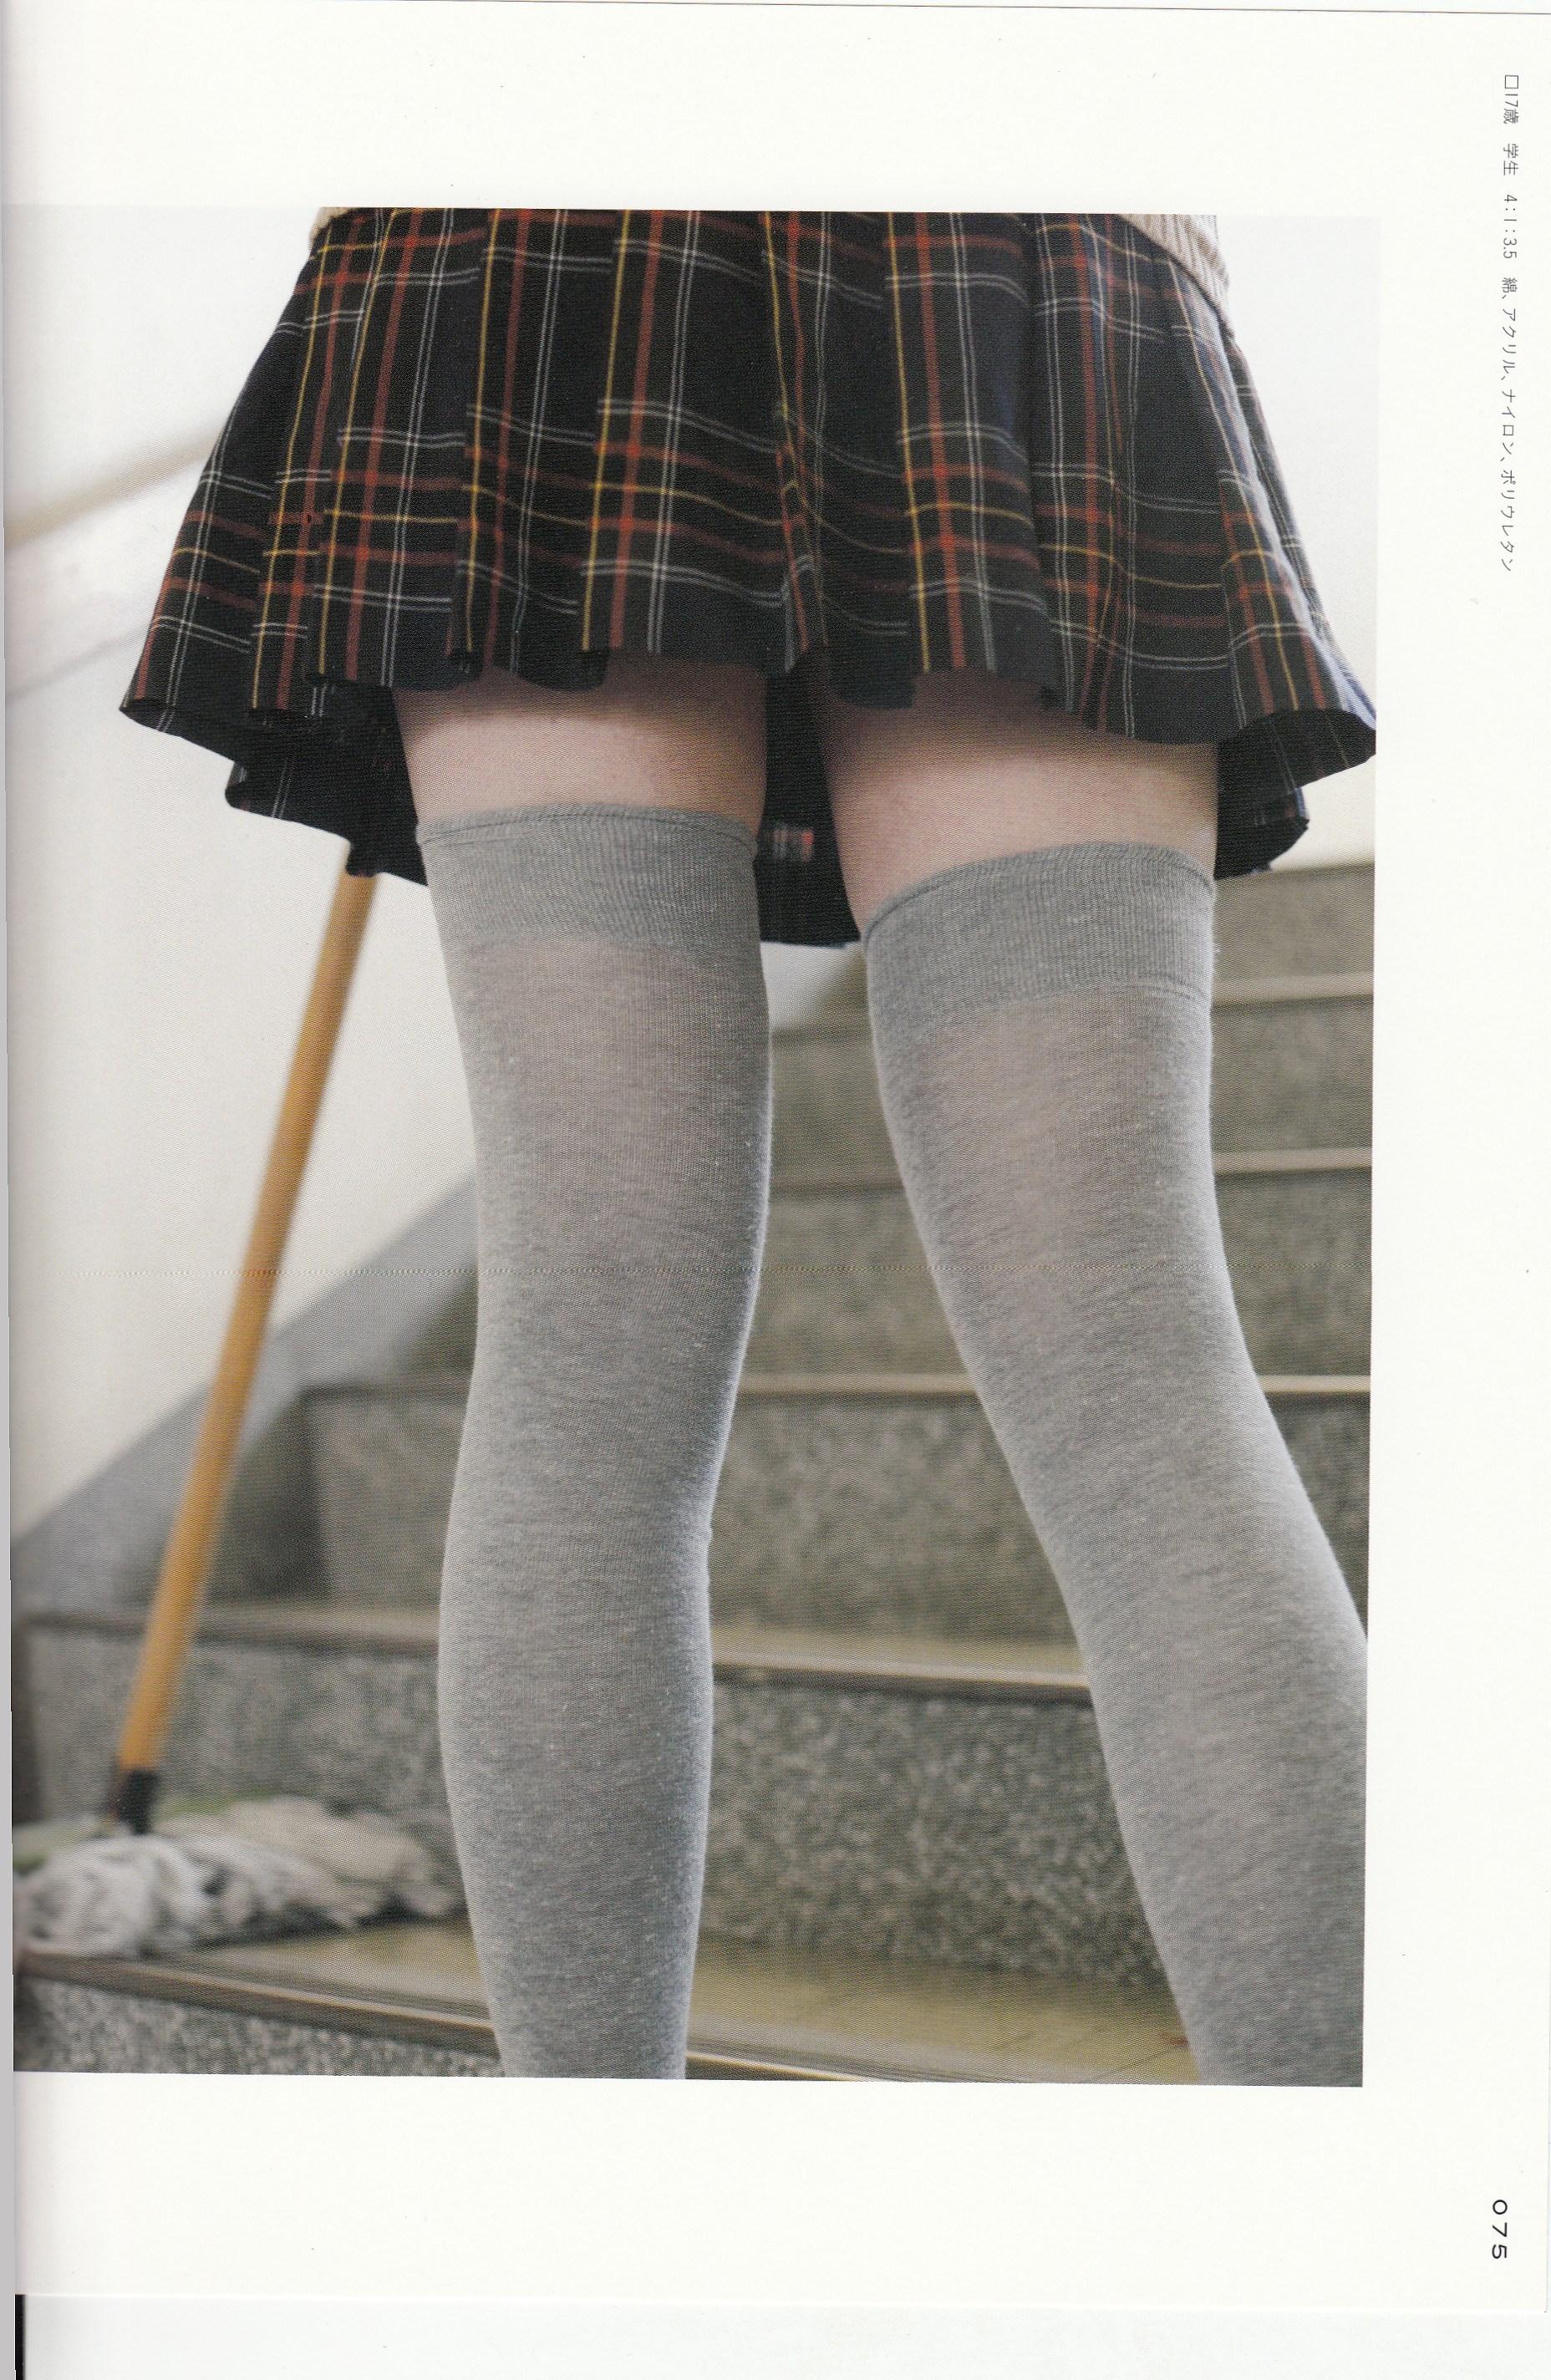 【兔玩映画】新鲜的美少女大腿 兔玩映画 第50张